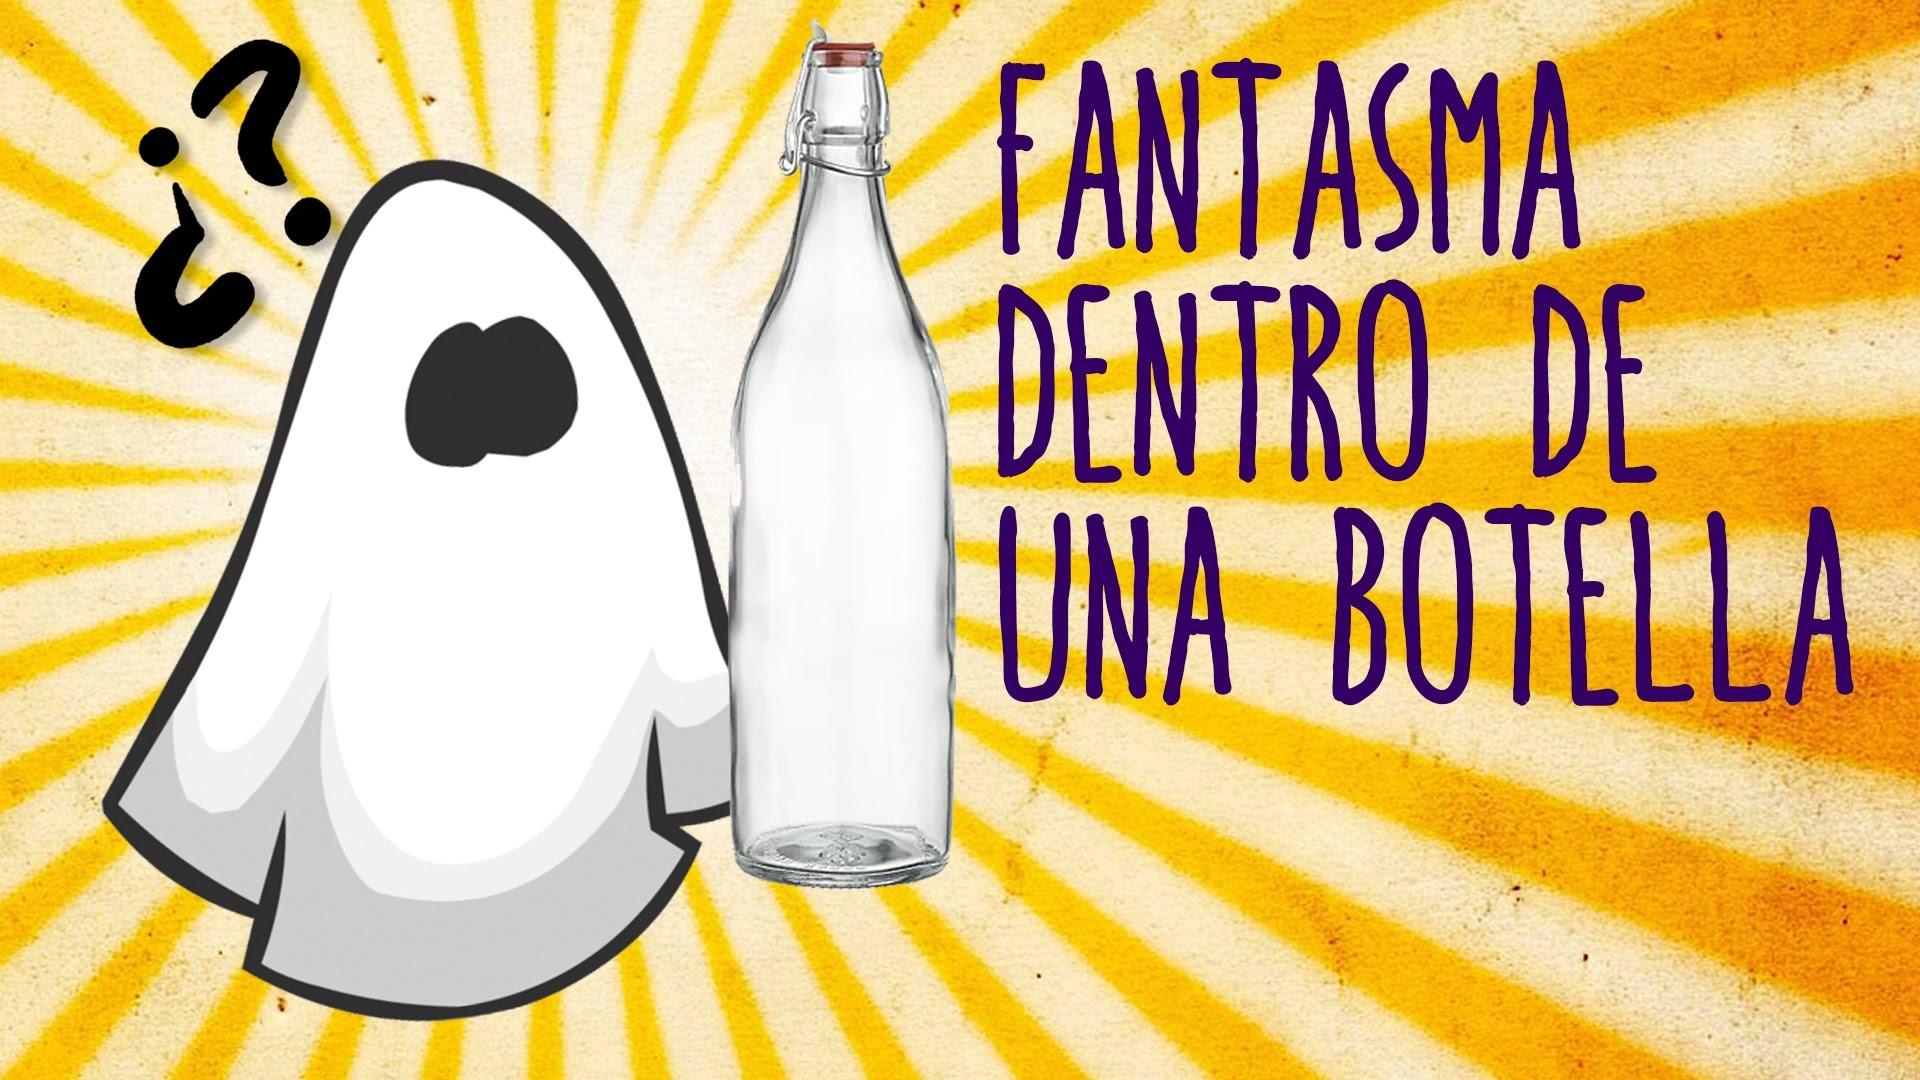 Fantasma atrapado en una botella (Halloween para niños)